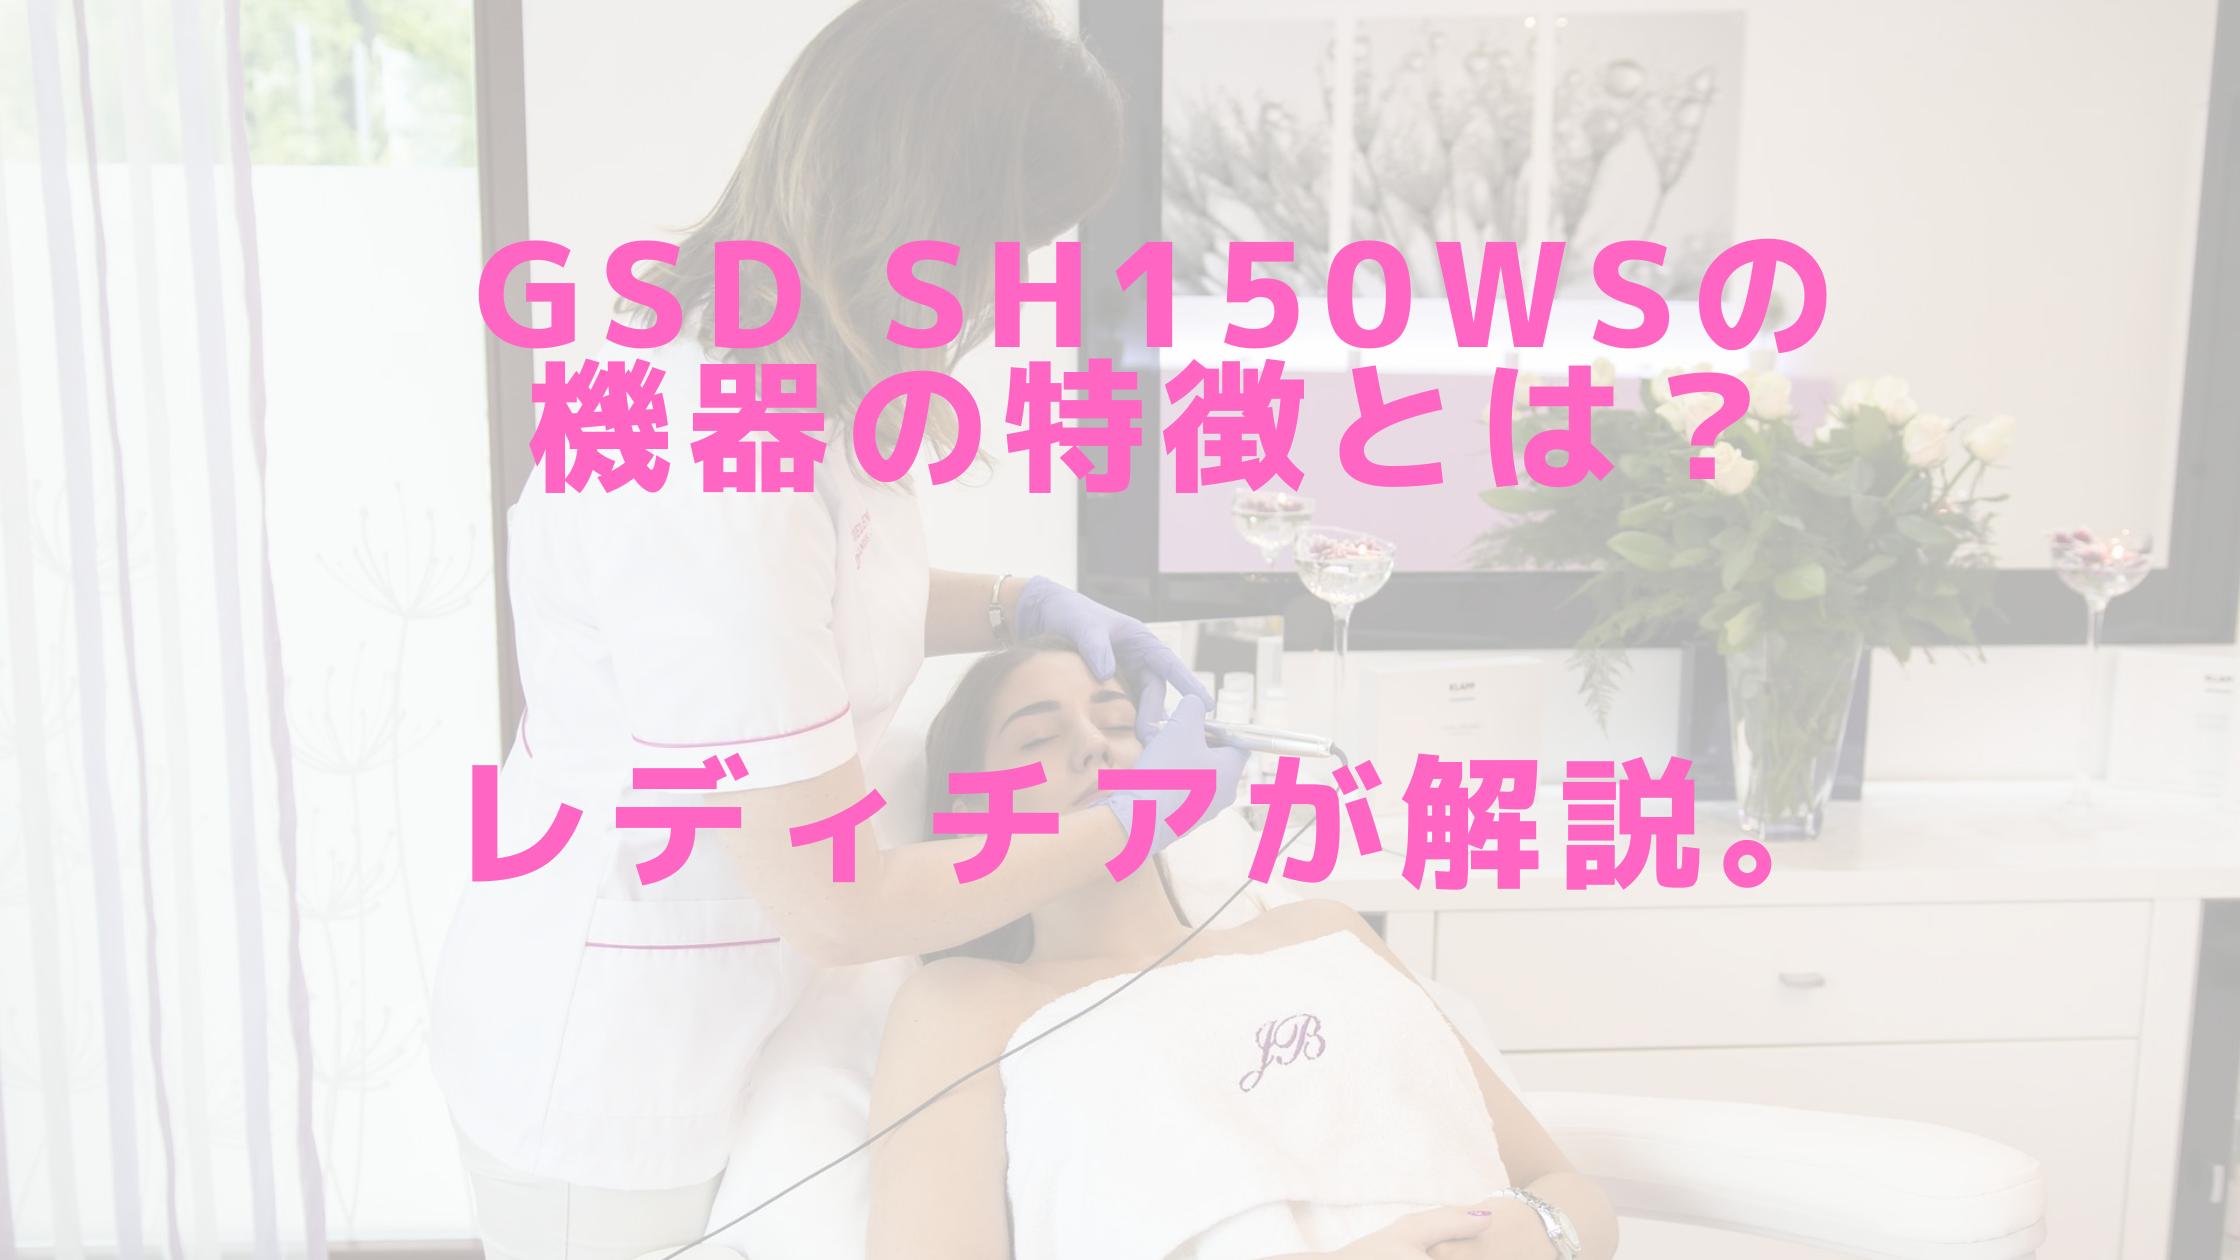 GSD sh150wsの機器の特徴とは?レディチアが解説。